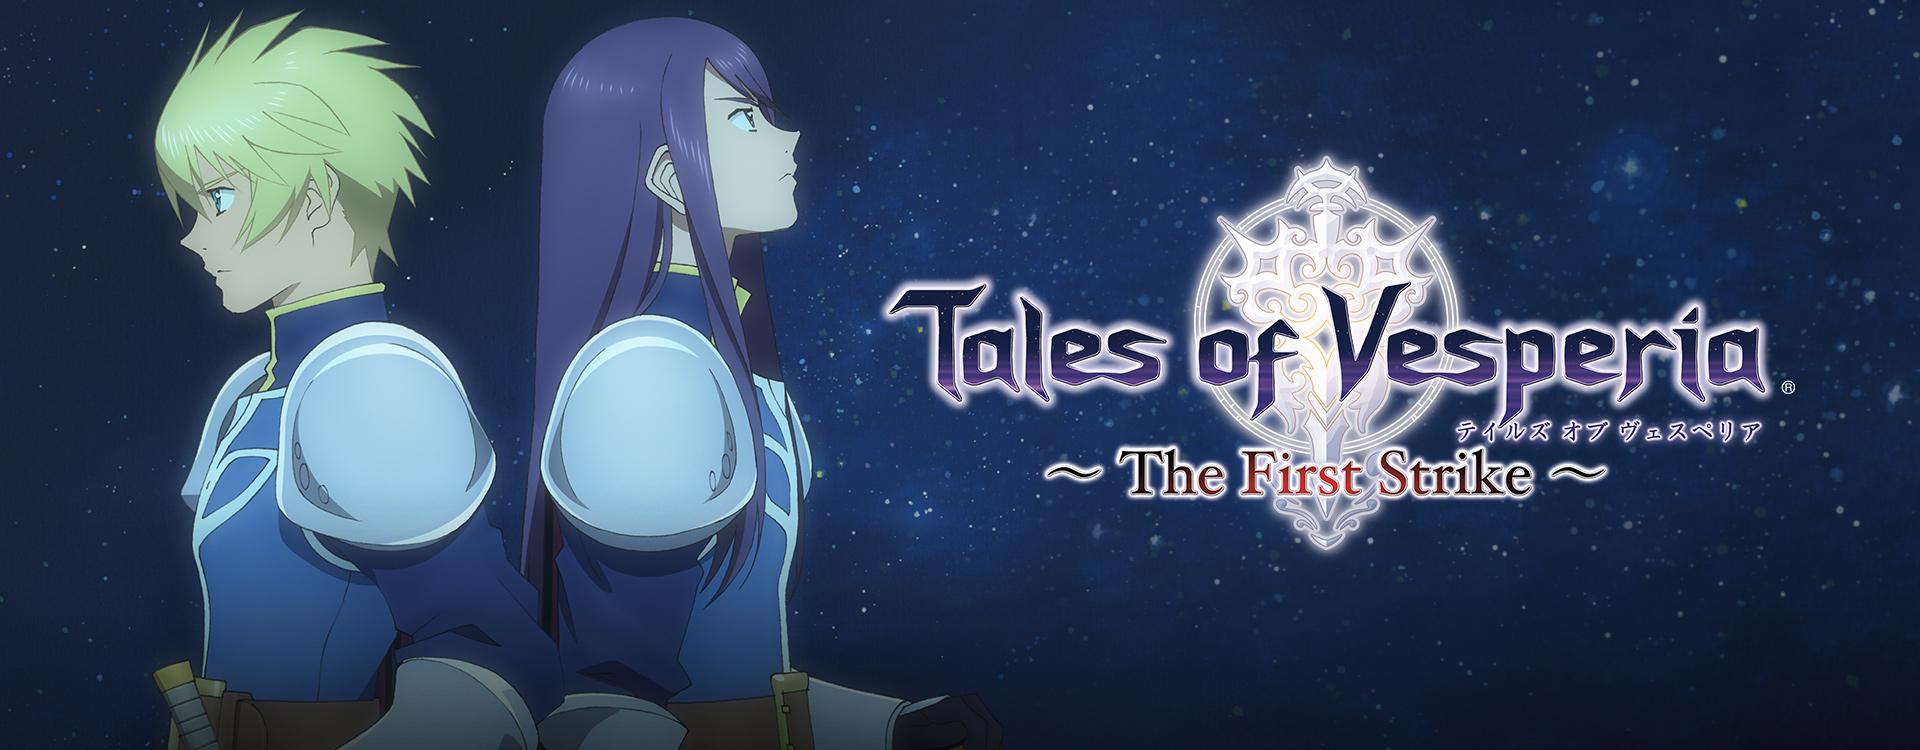 Watch Tales Of Vesperia Sub Dub Action Adventure Fantasy